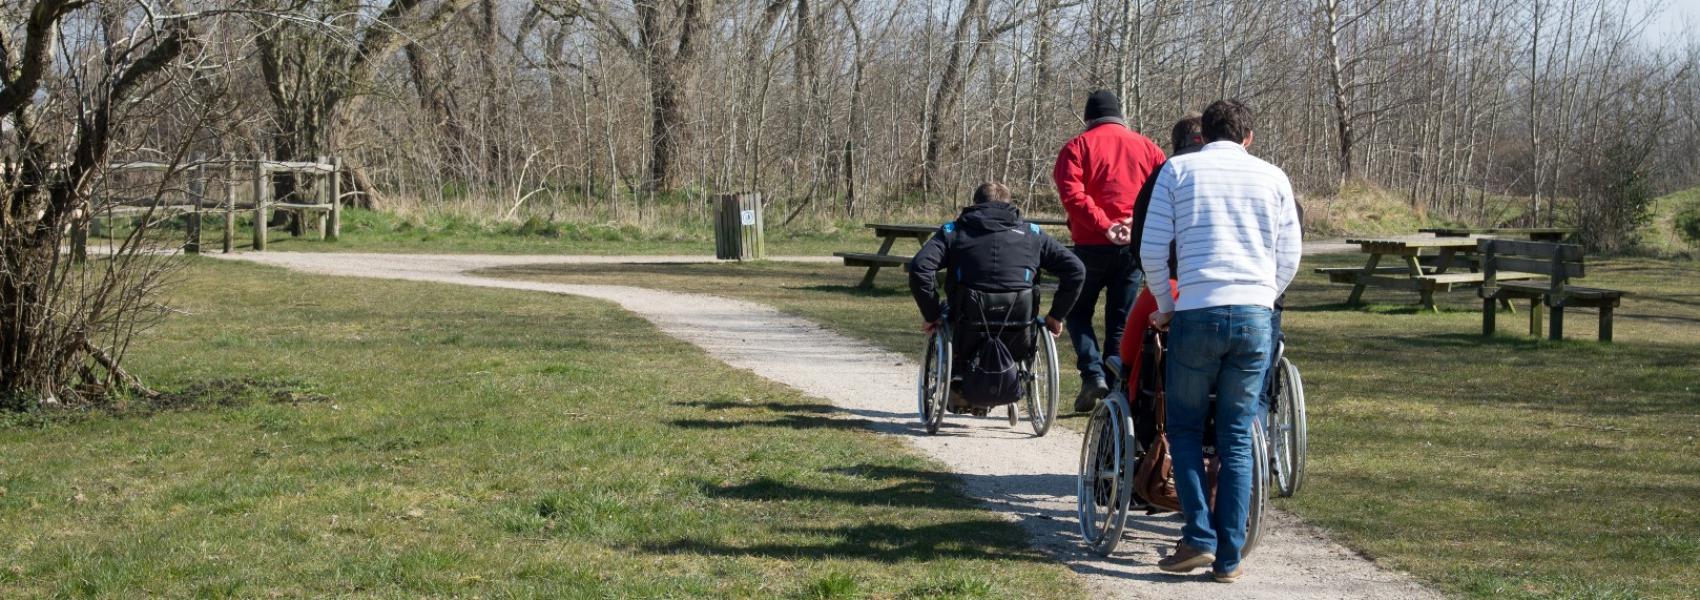 een klein groepje wandelaars met personen in een rolstoel